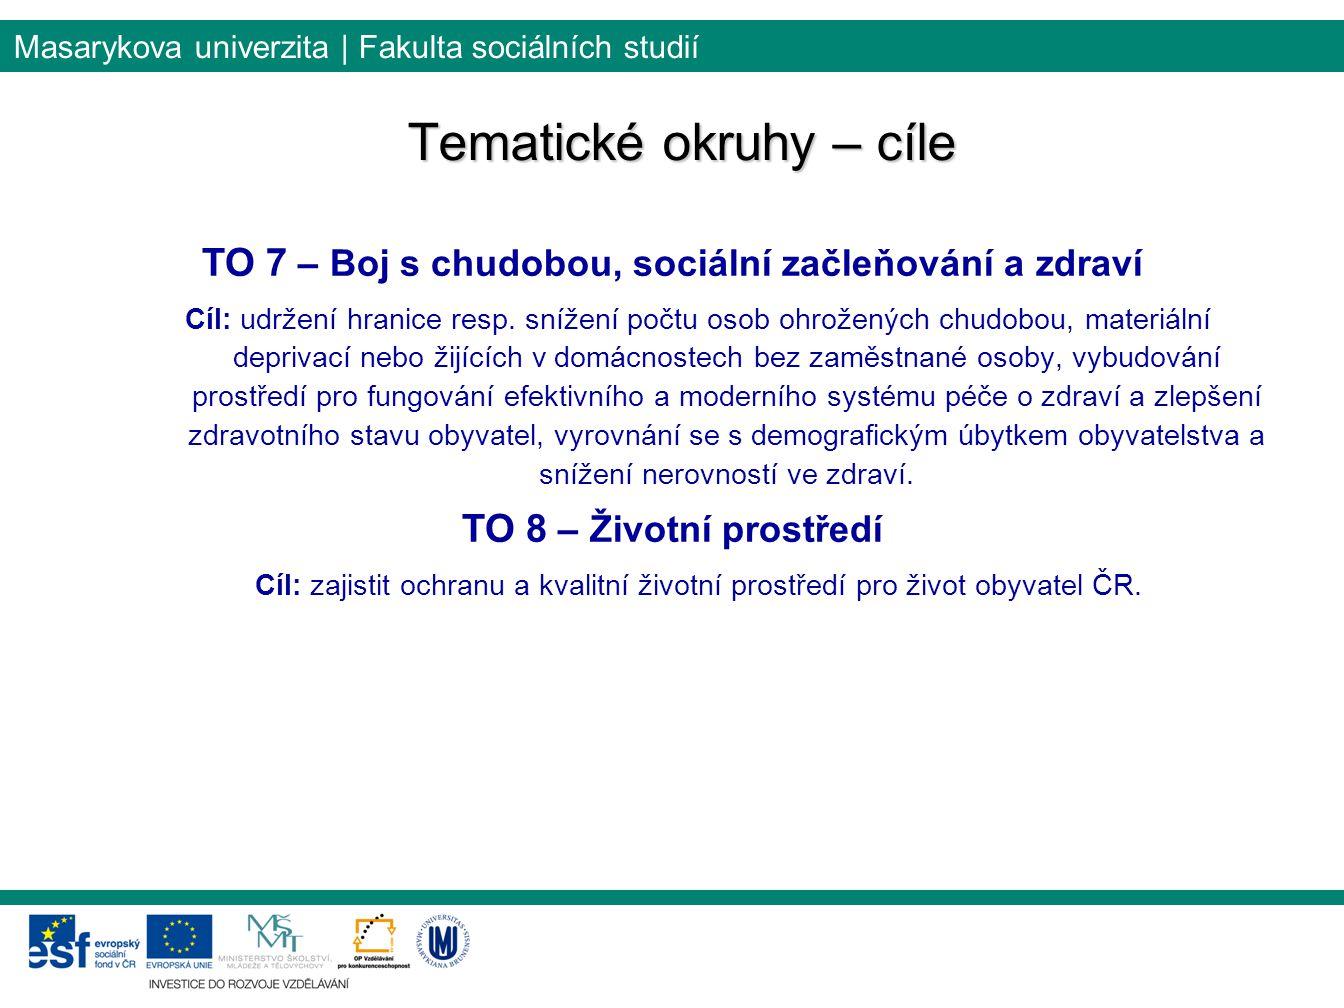 Masarykova univerzita | Fakulta sociálních studií Tematické okruhy – cíle TO 7 – Boj s chudobou, sociální začleňování a zdraví Cíl: udržení hranice re